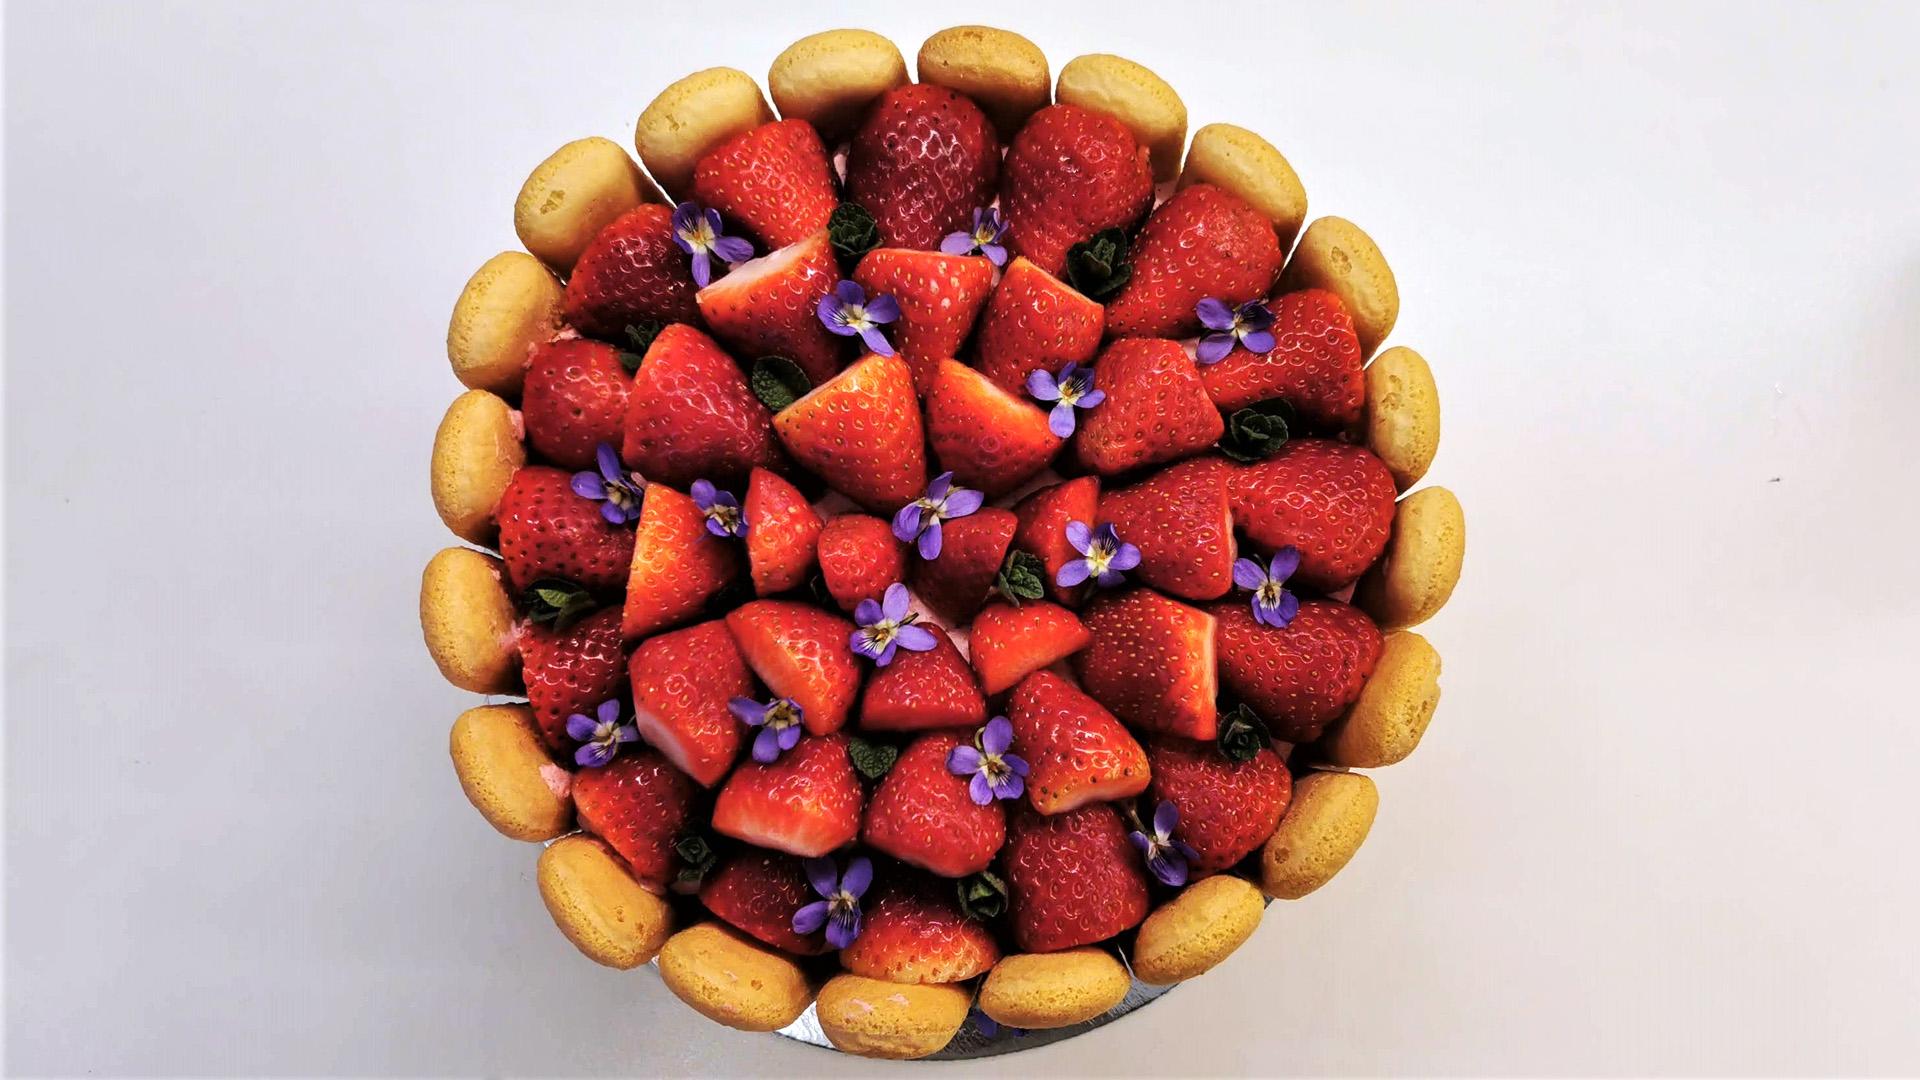 Ha az vagy, amit megeszel, inkább virágot egyél